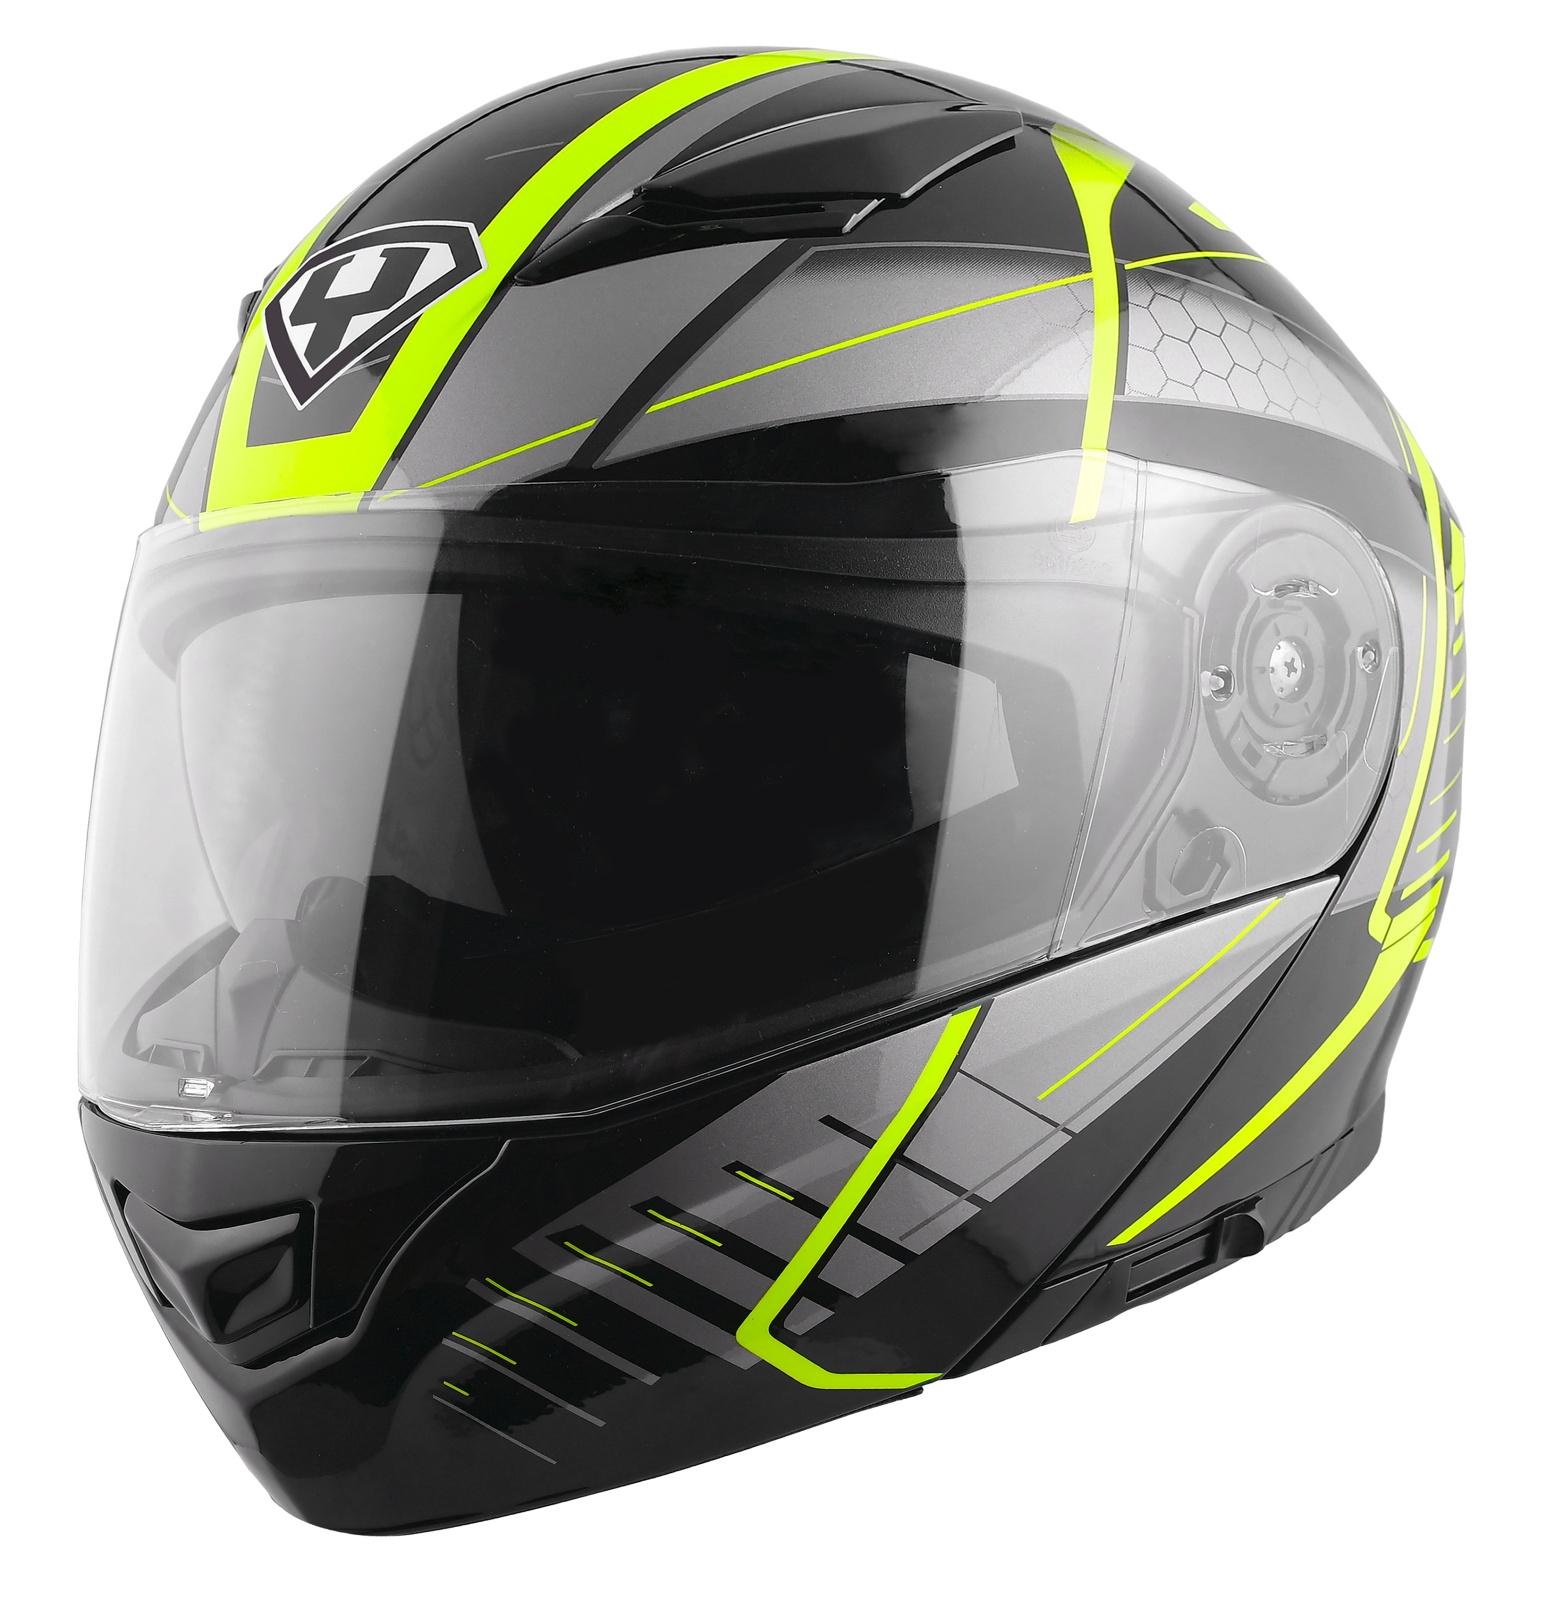 Moto helma Yohe 950-16 černá / Fluo